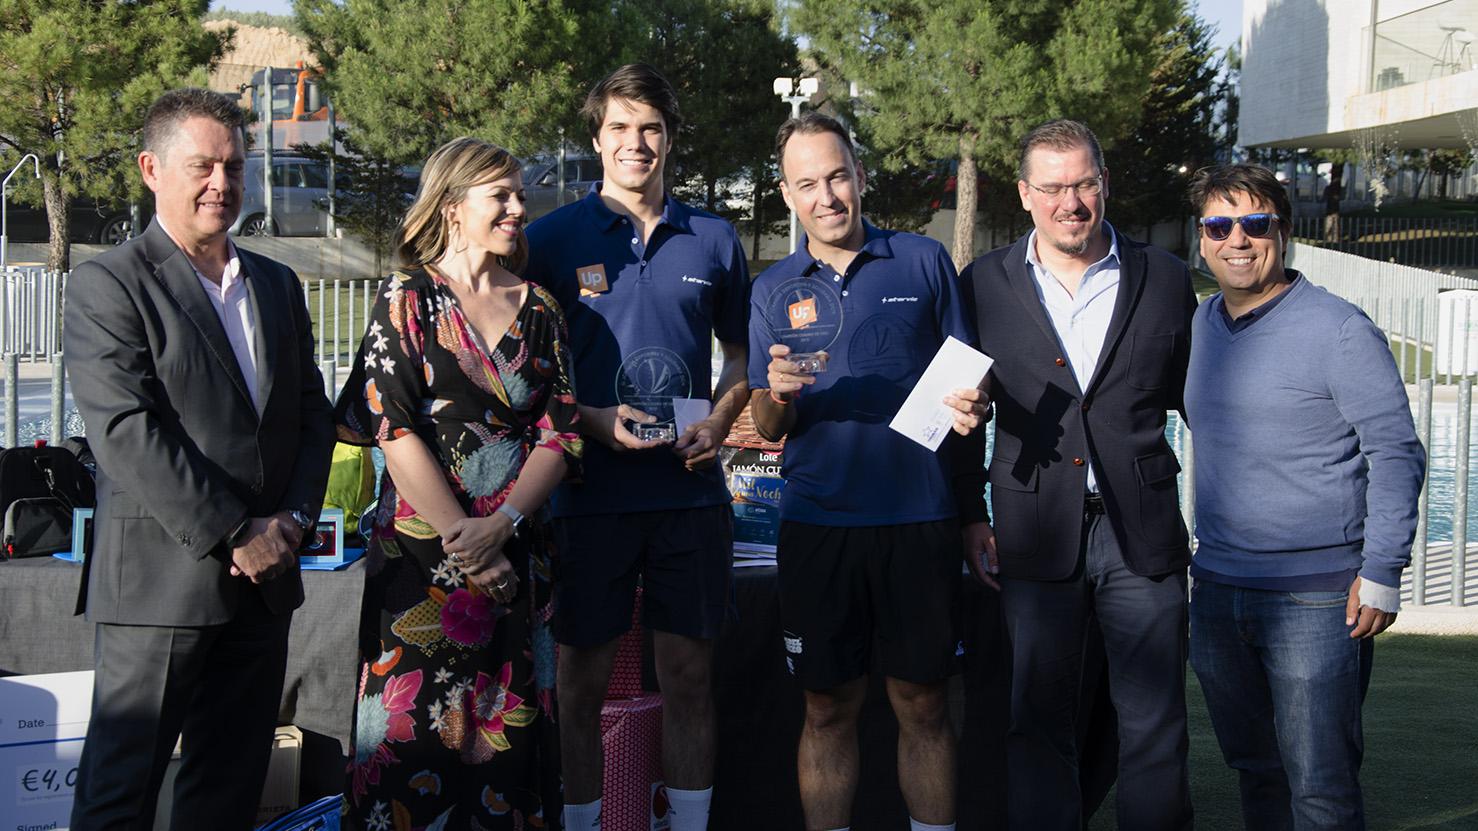 Campeones-cuadro-de-oro-1600